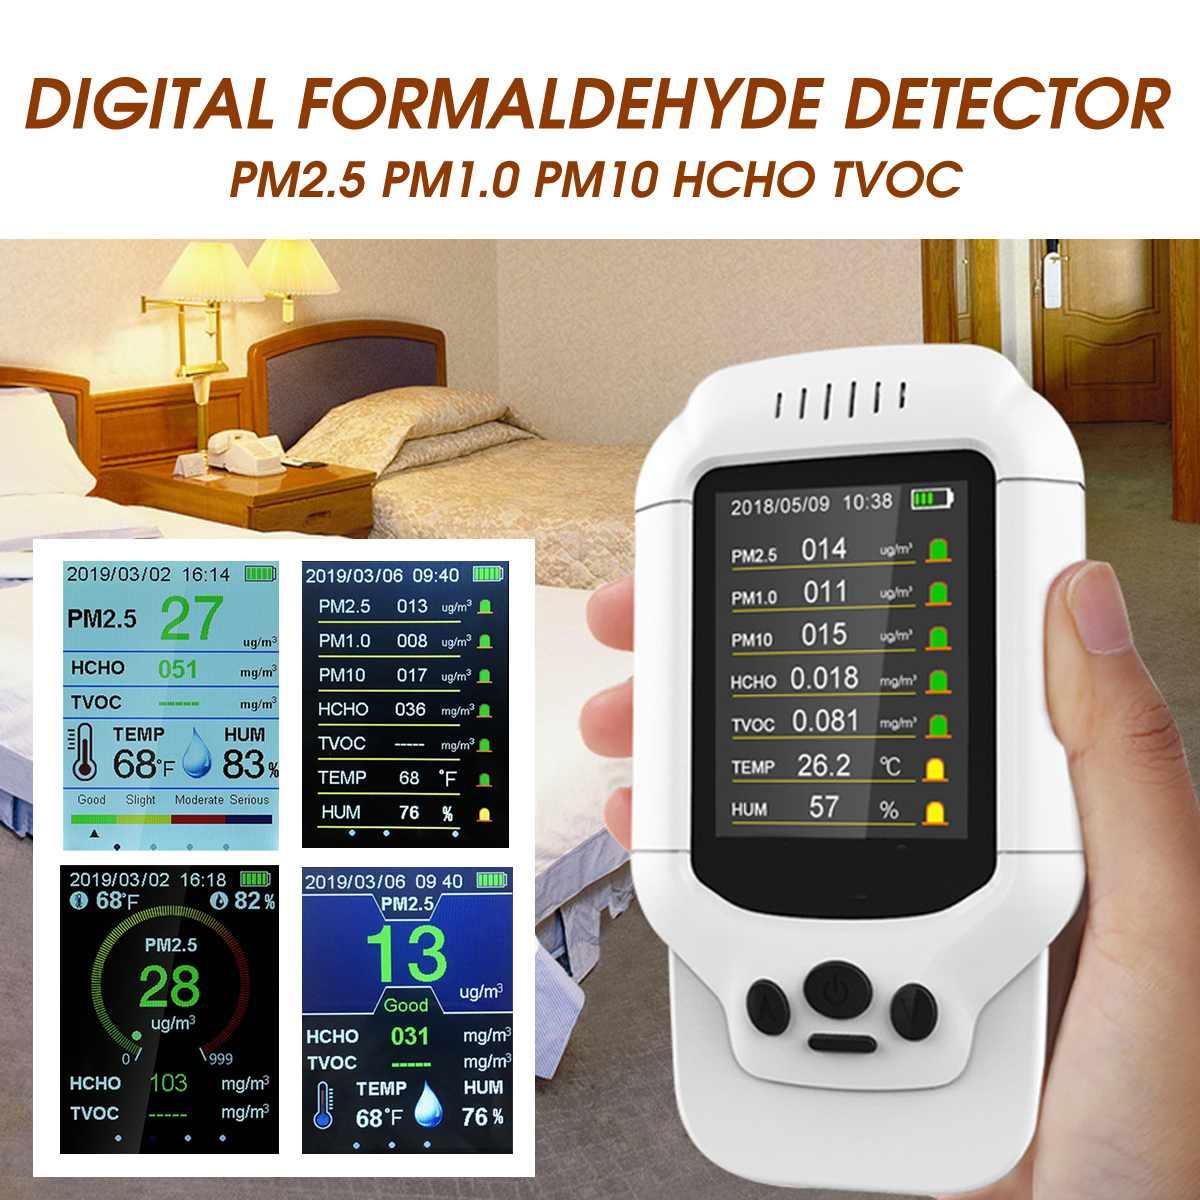 Messung Und Analyse Instrumente Neue Digital Air Qualität Monitor Formaldehyd Detektor Multifunktionale Gas Analyzer Hcho Tvoc Pm2.5 Diagnose Werkzeug Für Haus Auto